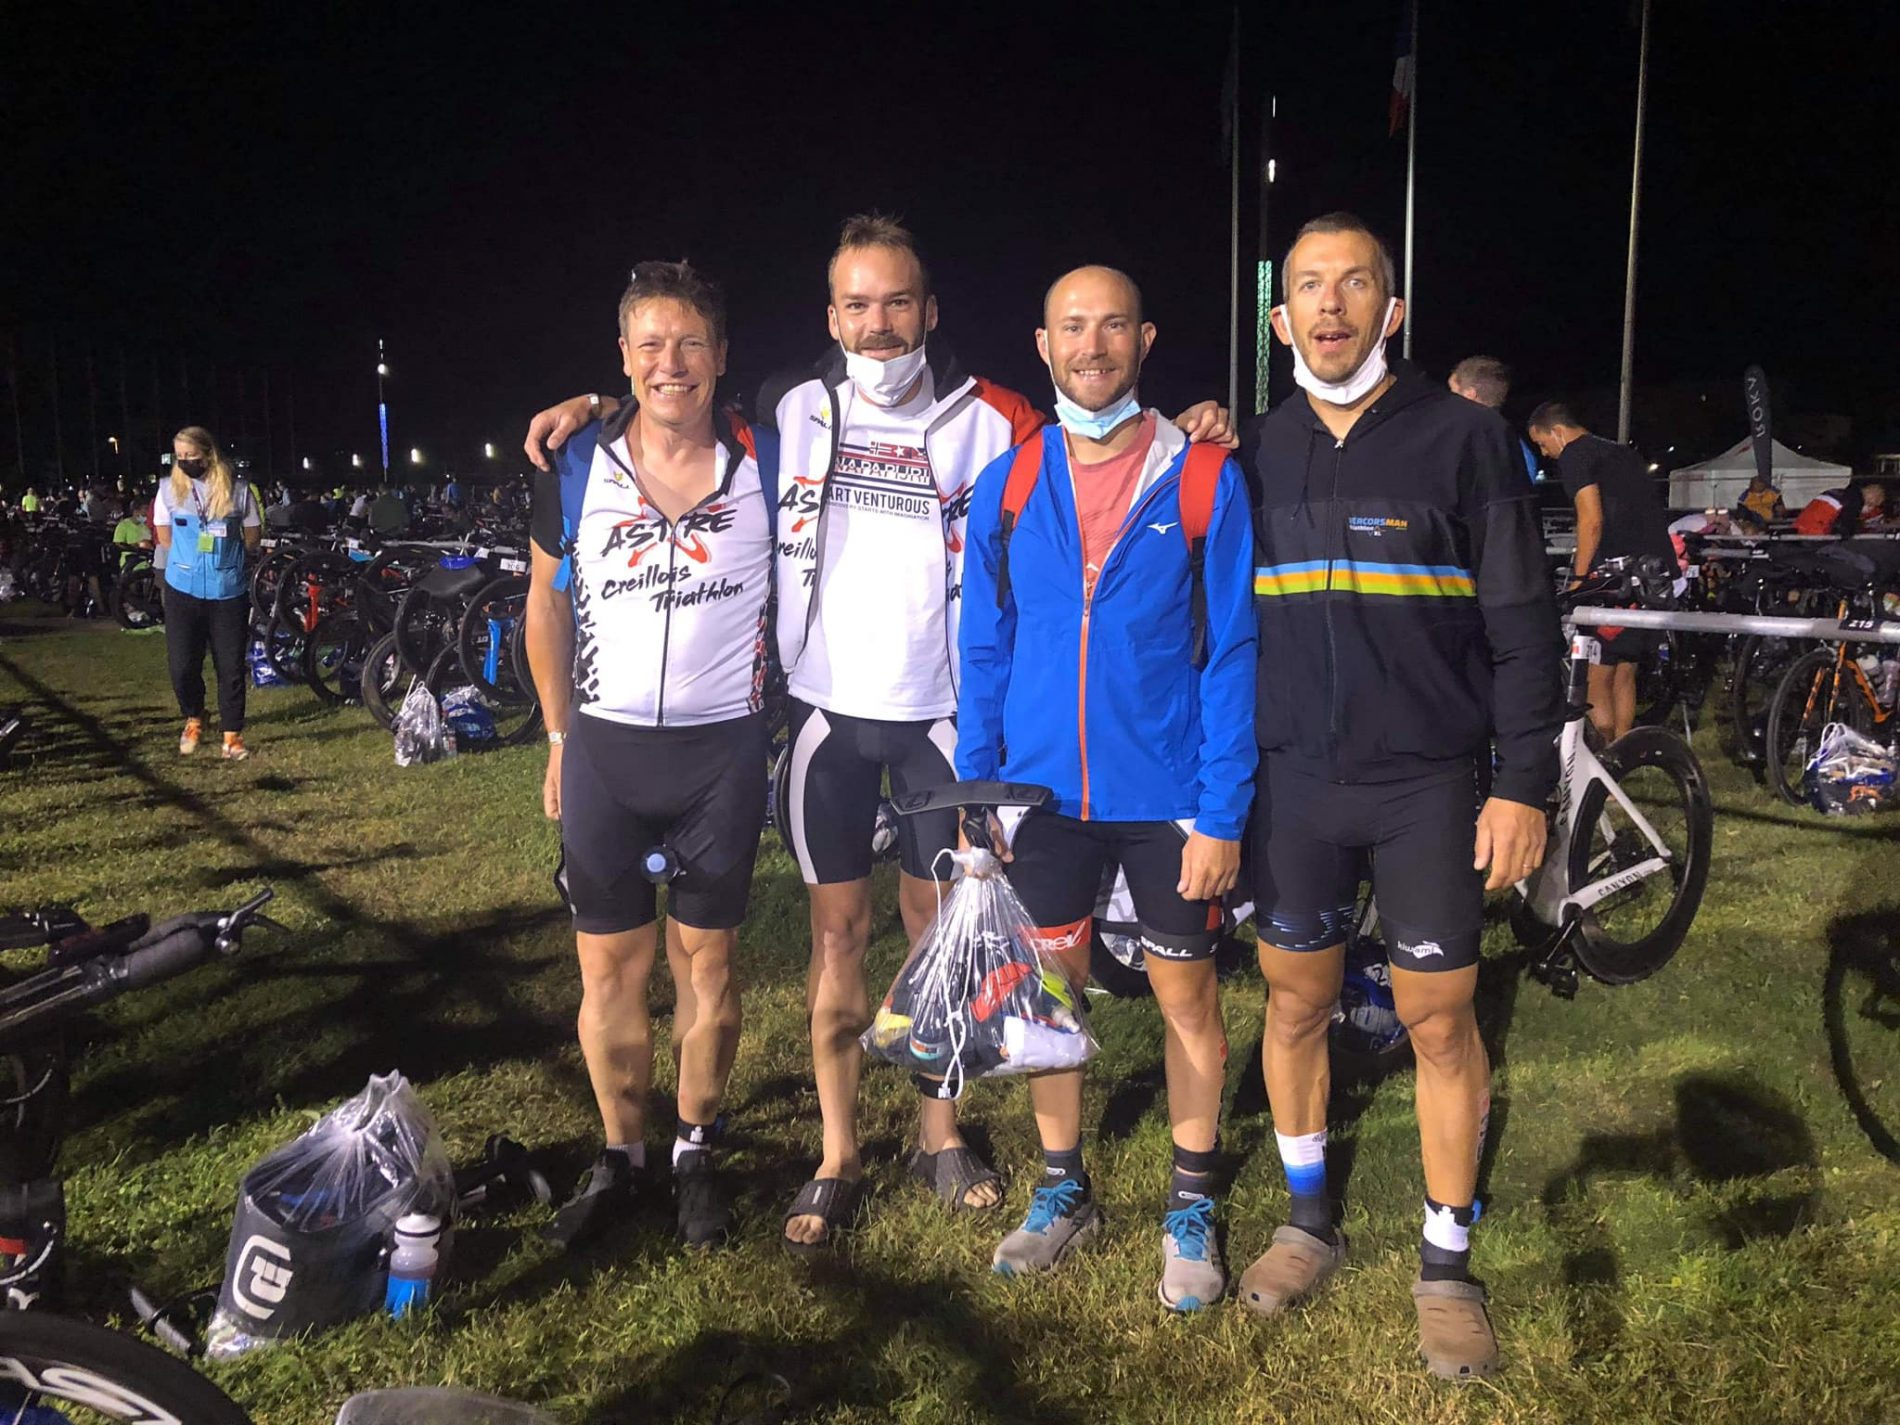 Astre Creillois - Ironman Vichy 2021